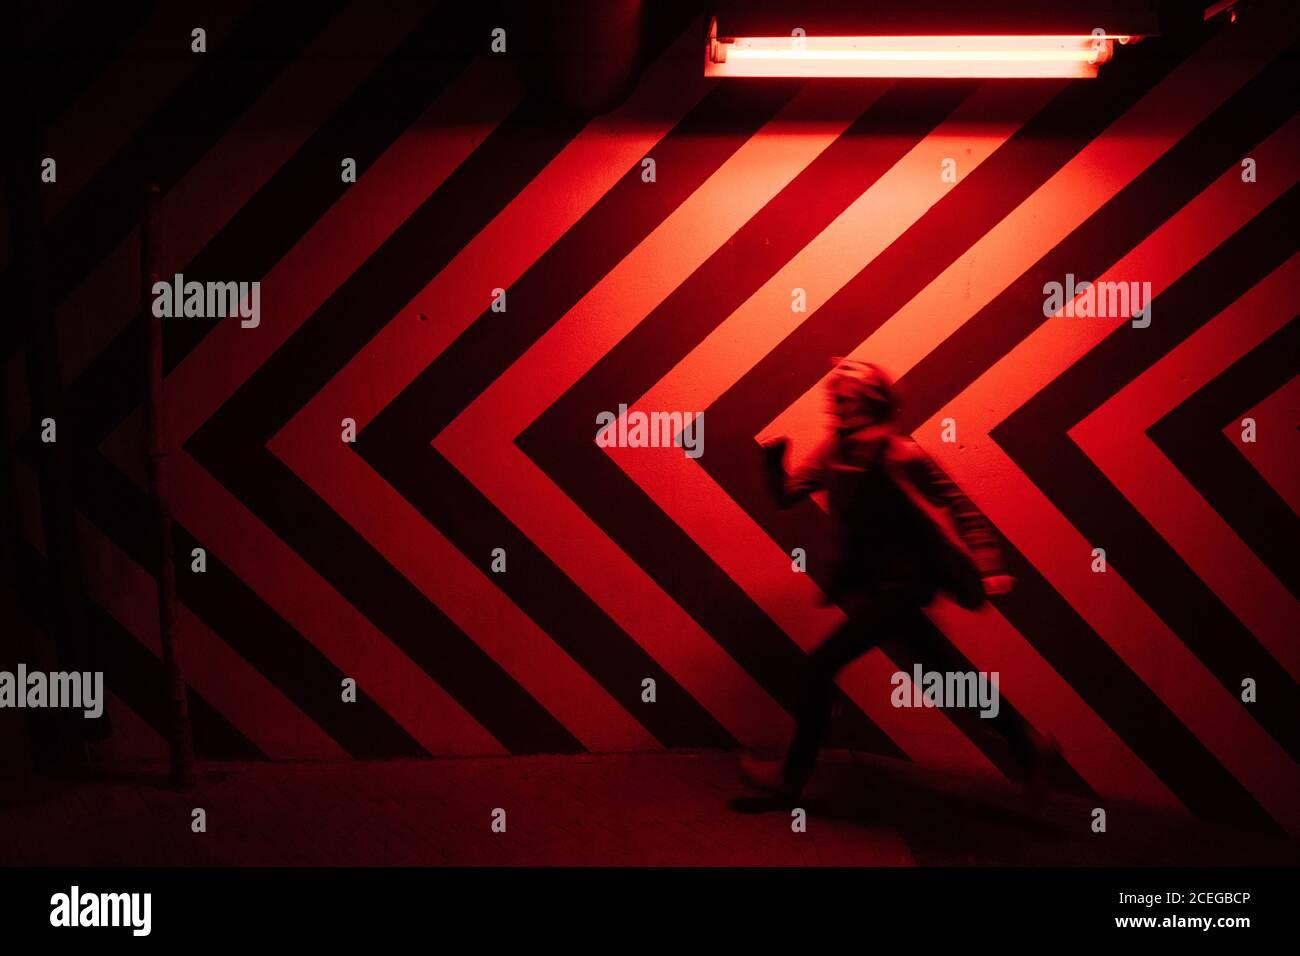 Vista laterale del movimento immagine sfocata del maschio che cammina verso il basso nel tunnel in direzione opposta al grande rosso e nero frecce sulla parete illuminate da luci rosse Foto Stock